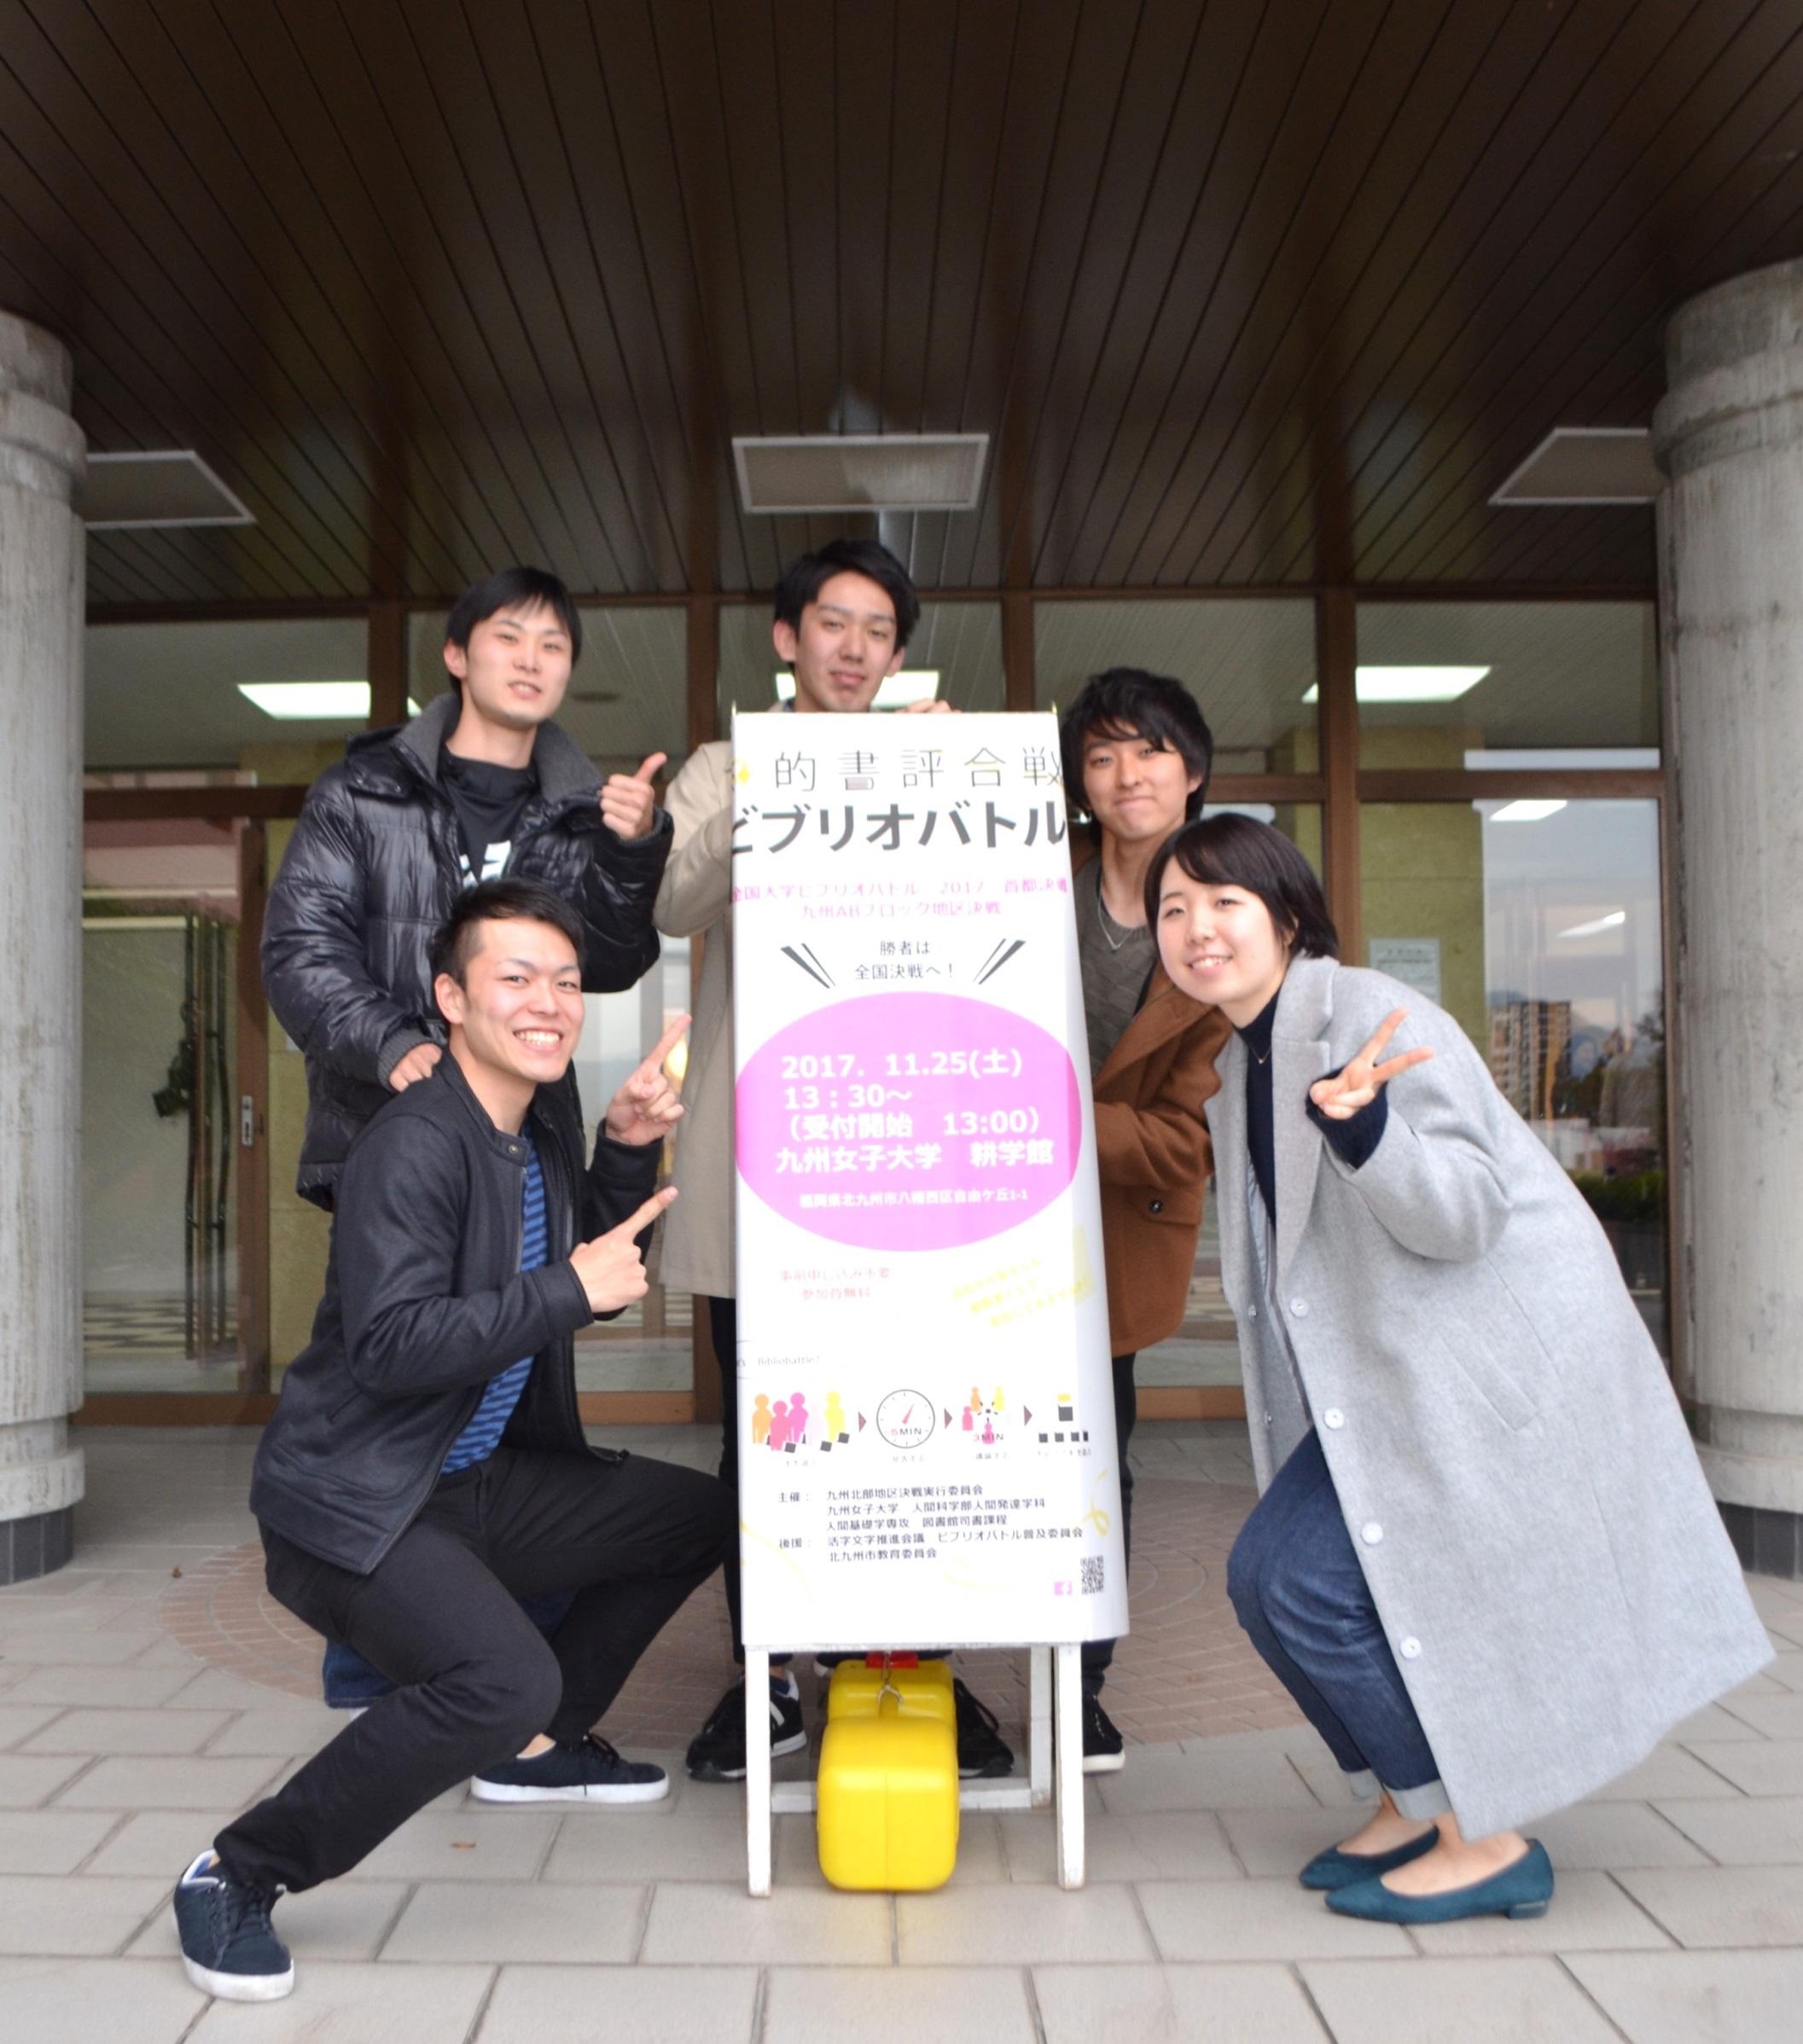 2017.11.27白倉理絵② (ビブリオバトル地区決戦)